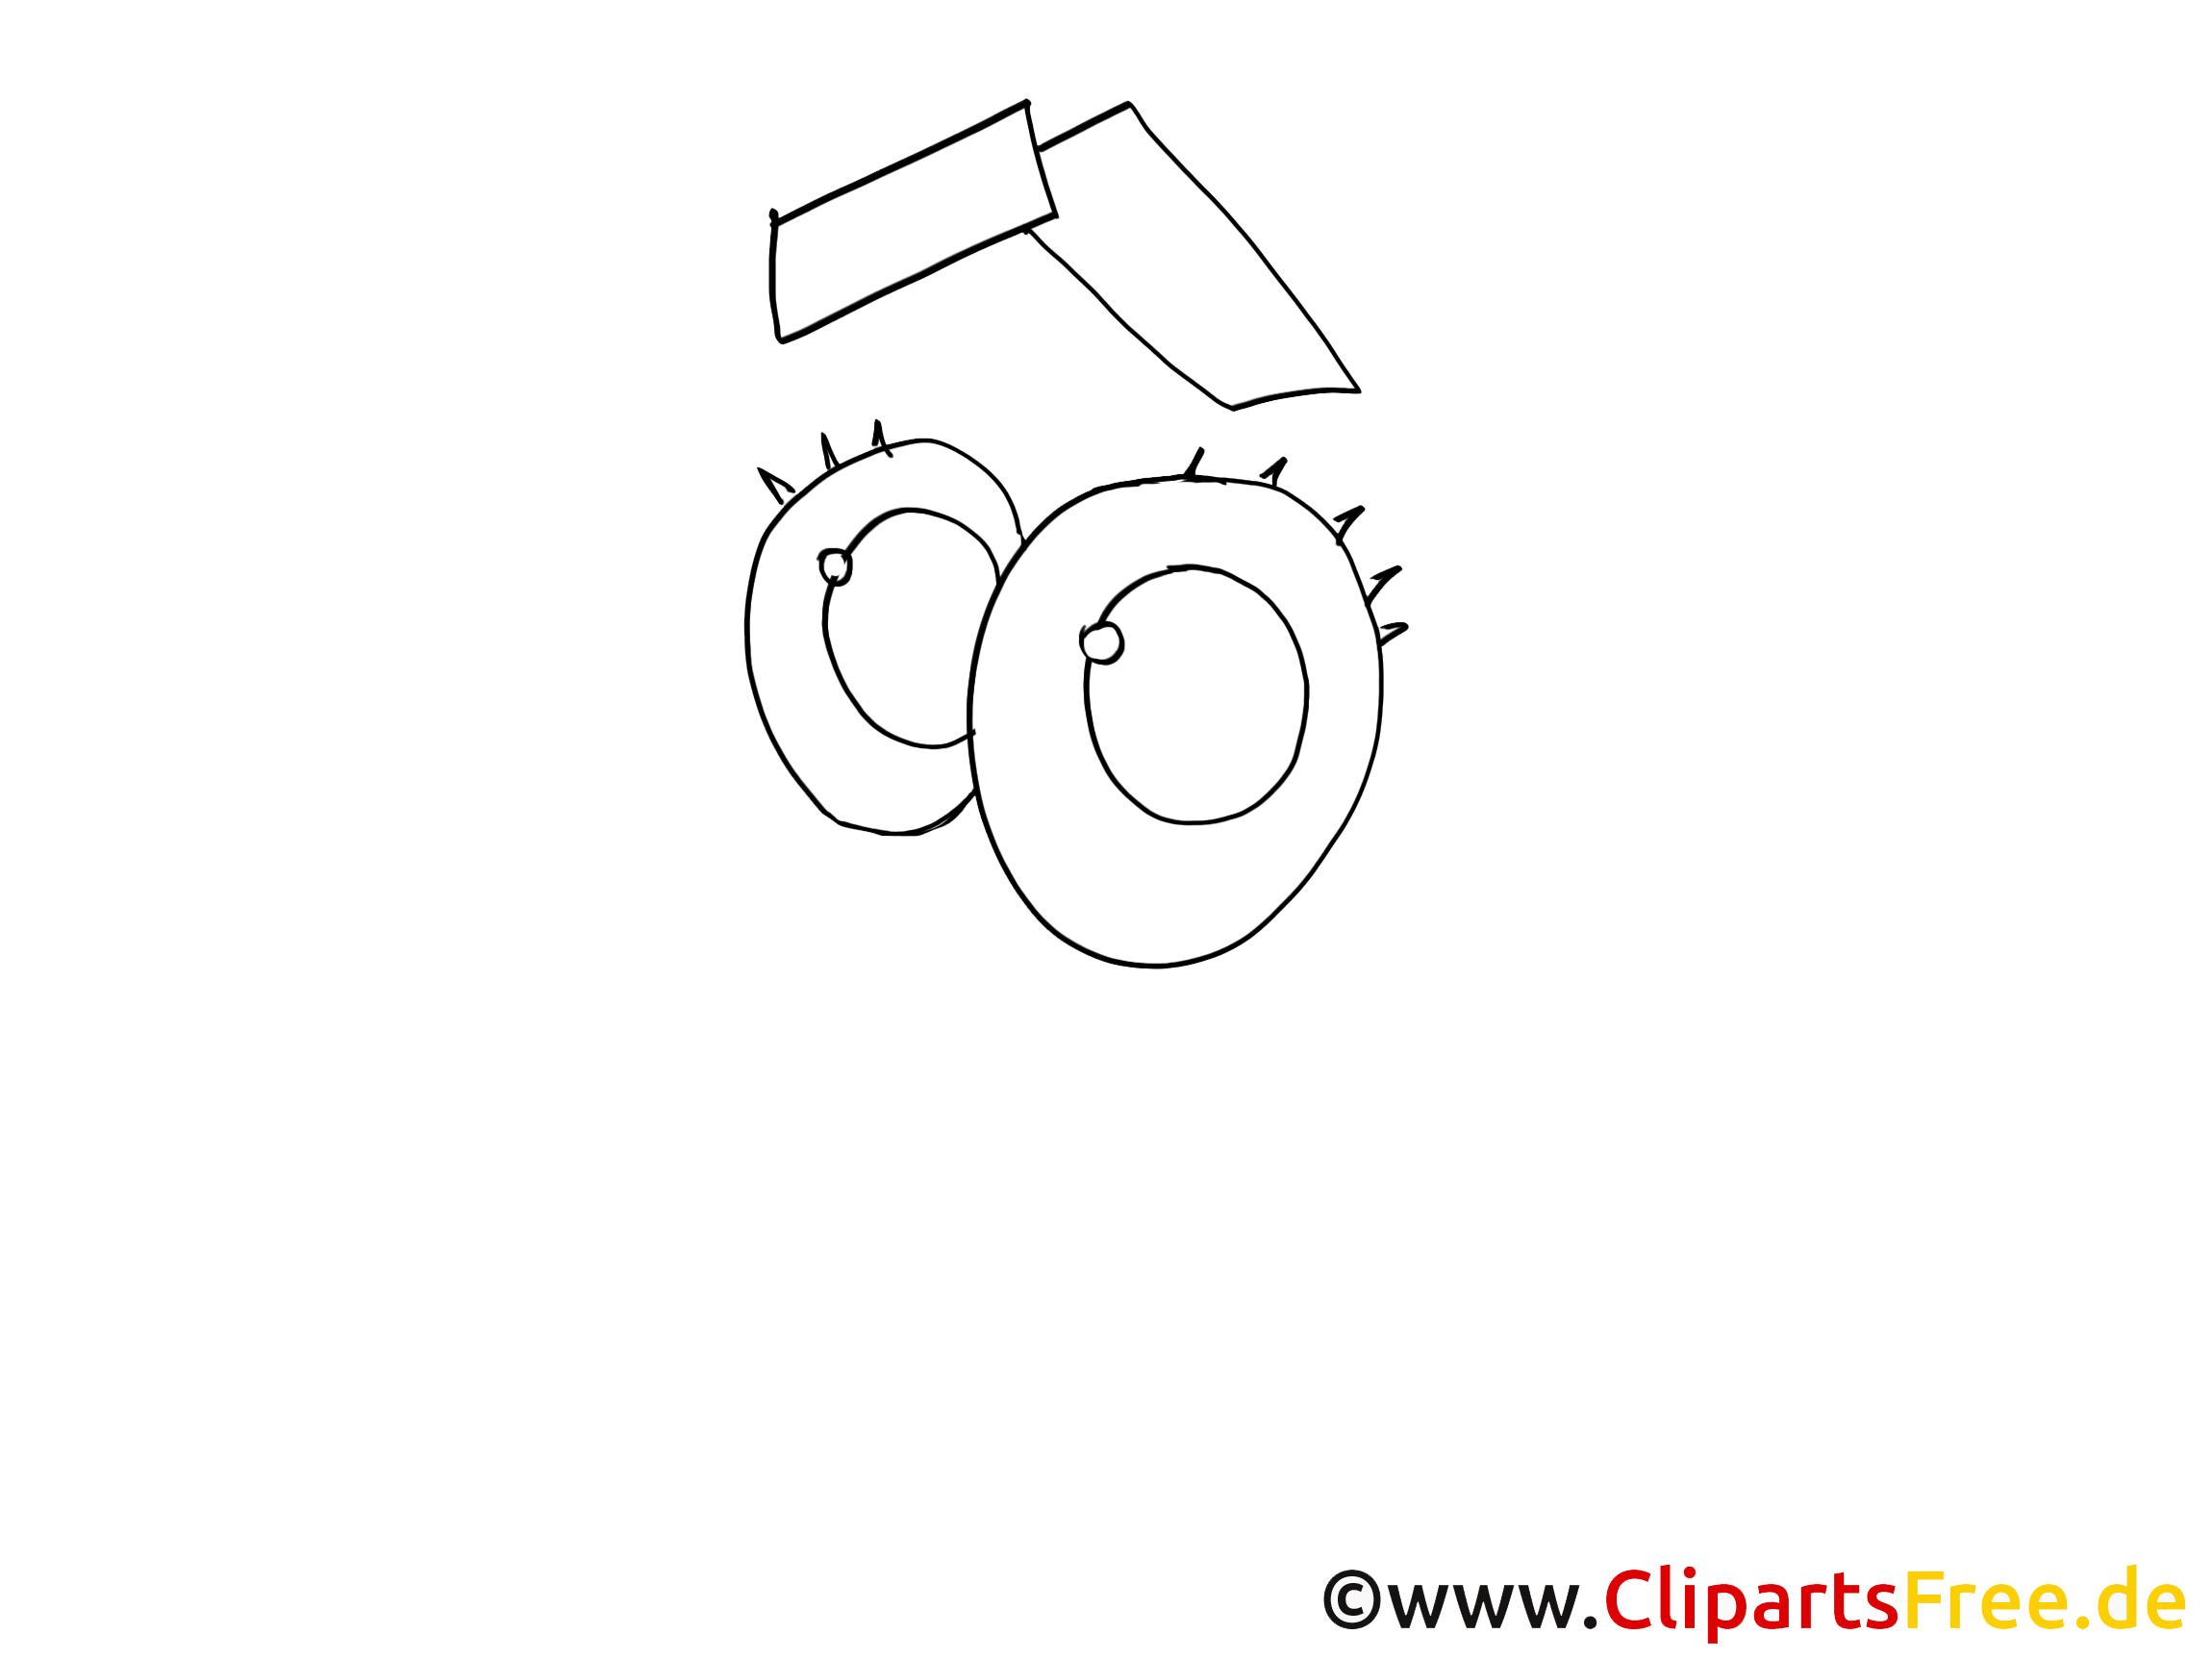 Drôle regard images à colorier – Dessin dessins gratuits